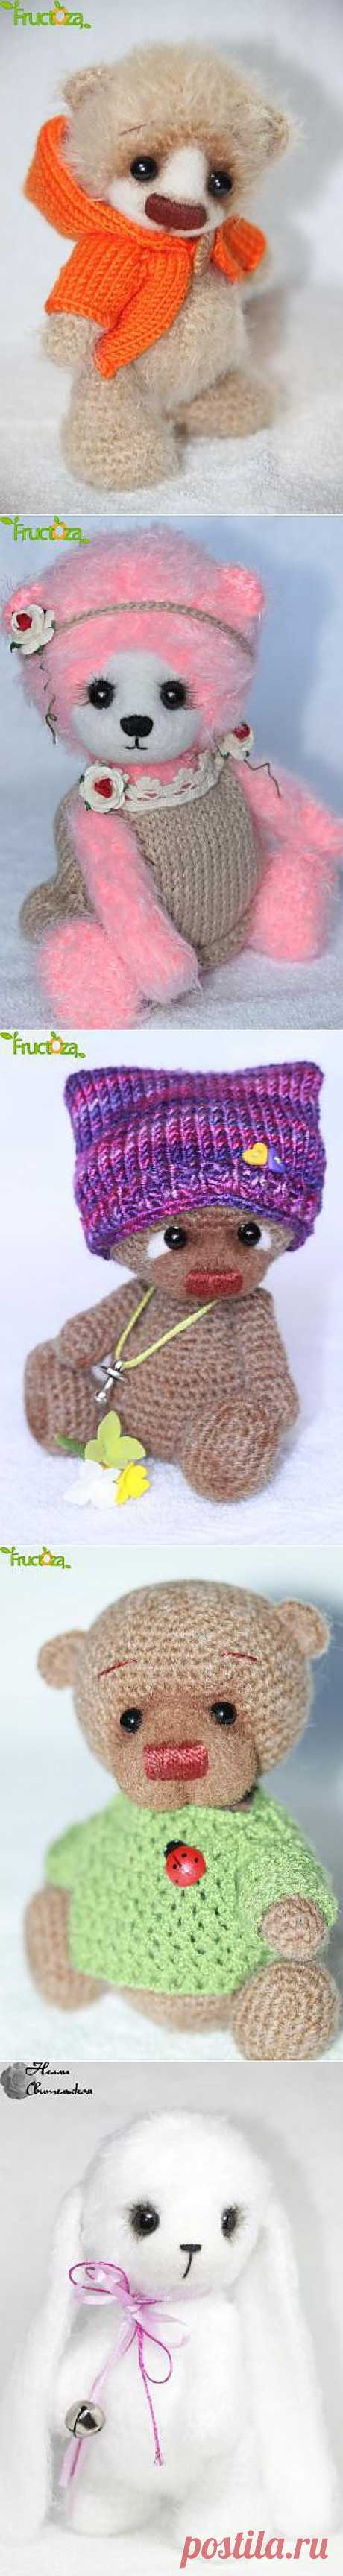 Игрушечки! - Галерея - Форум почитателей амигуруми (вязаной игрушки)